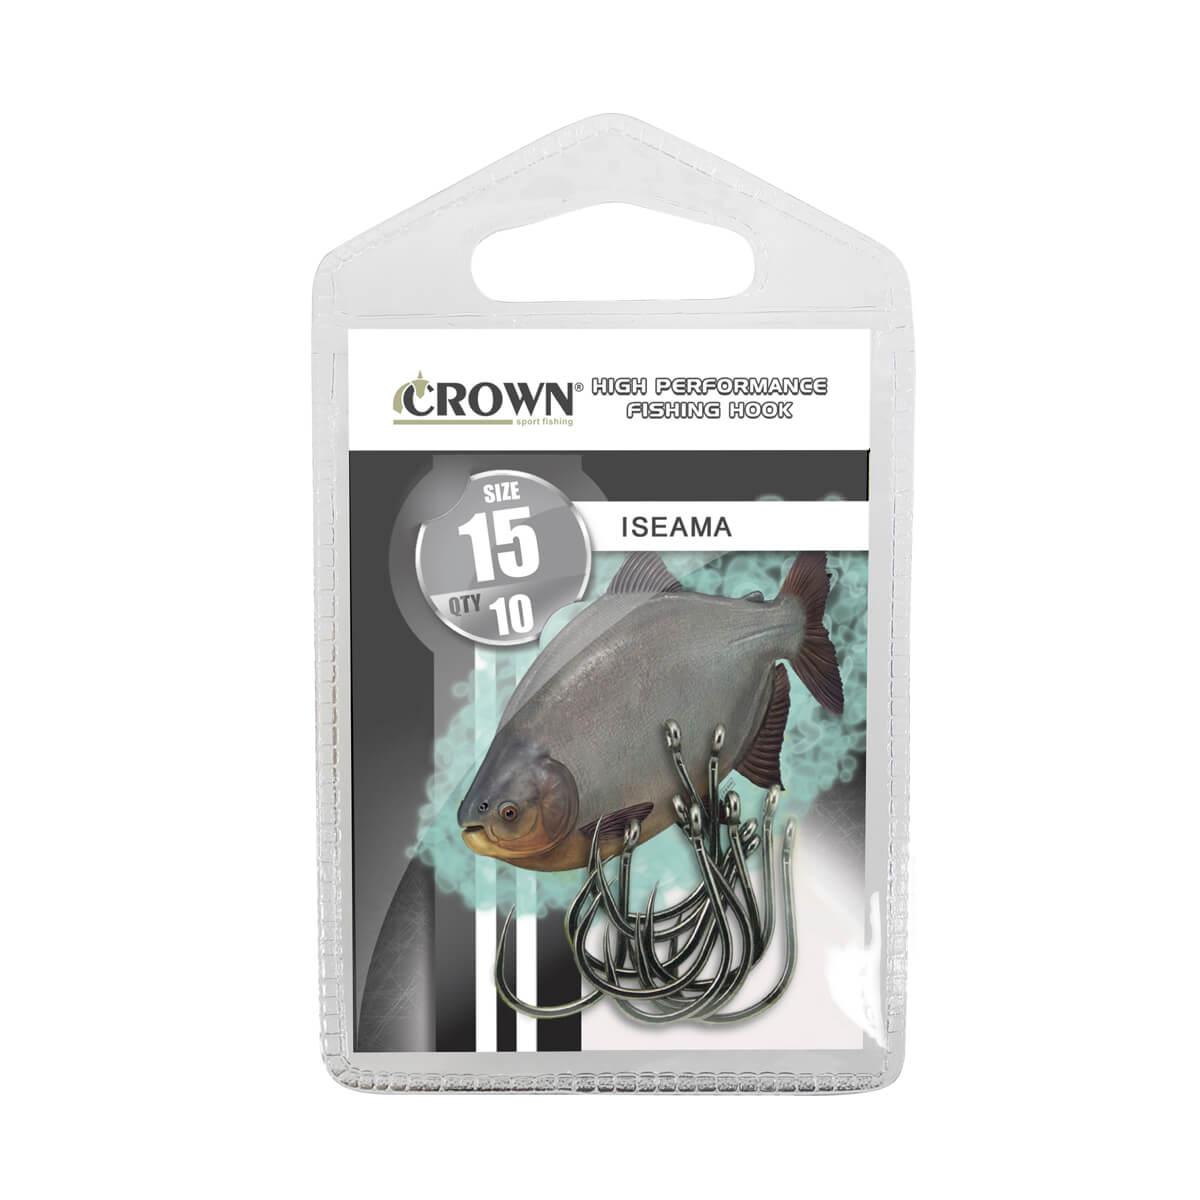 Anzol Crown Iseama Black  - Pró Pesca Shop